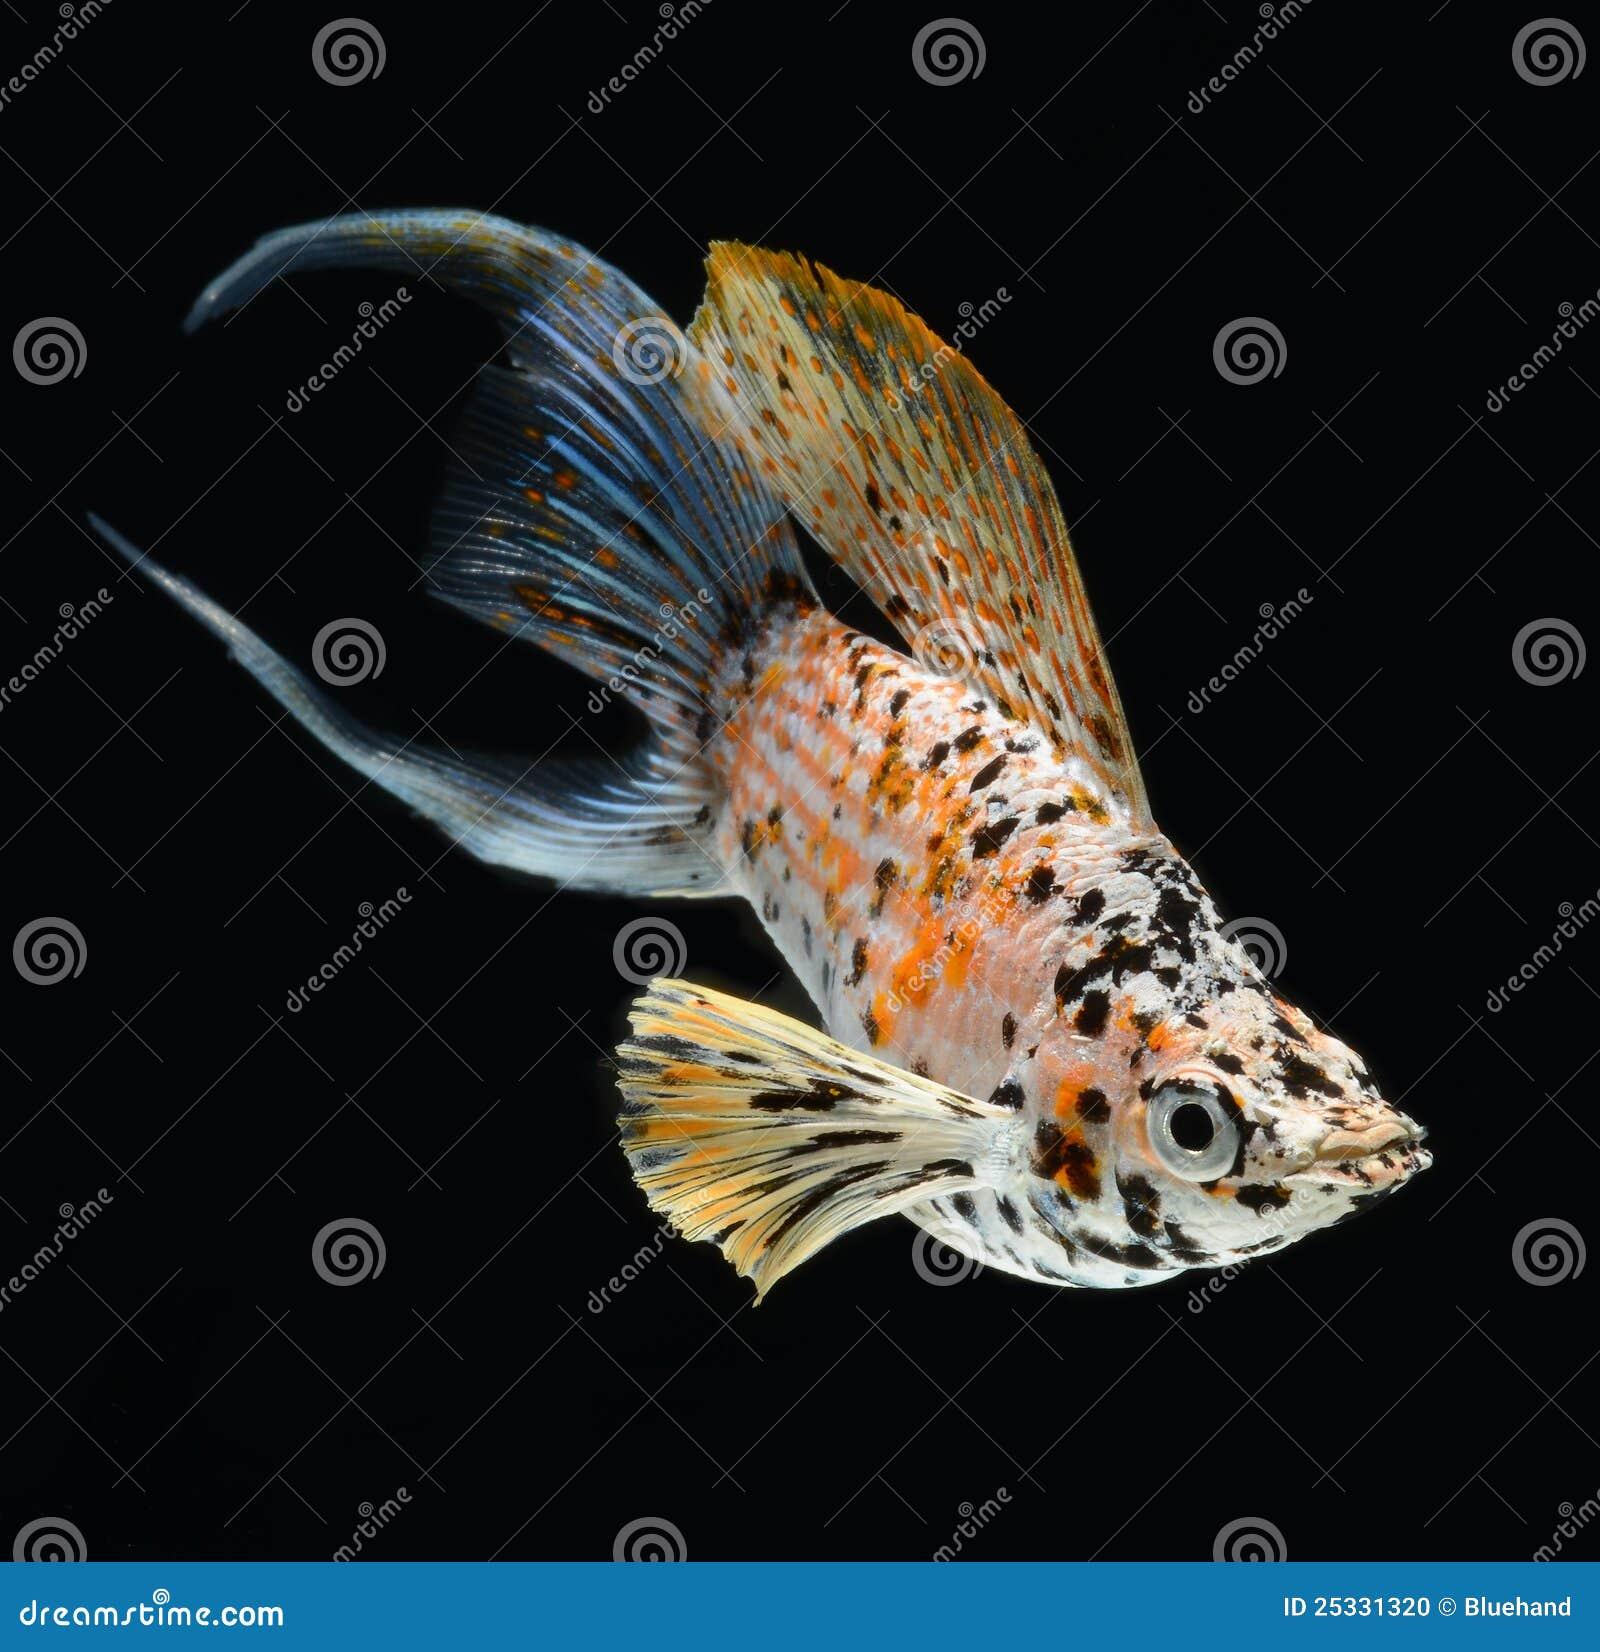 梦到黑色污水里有好多黑色大嘴鱼